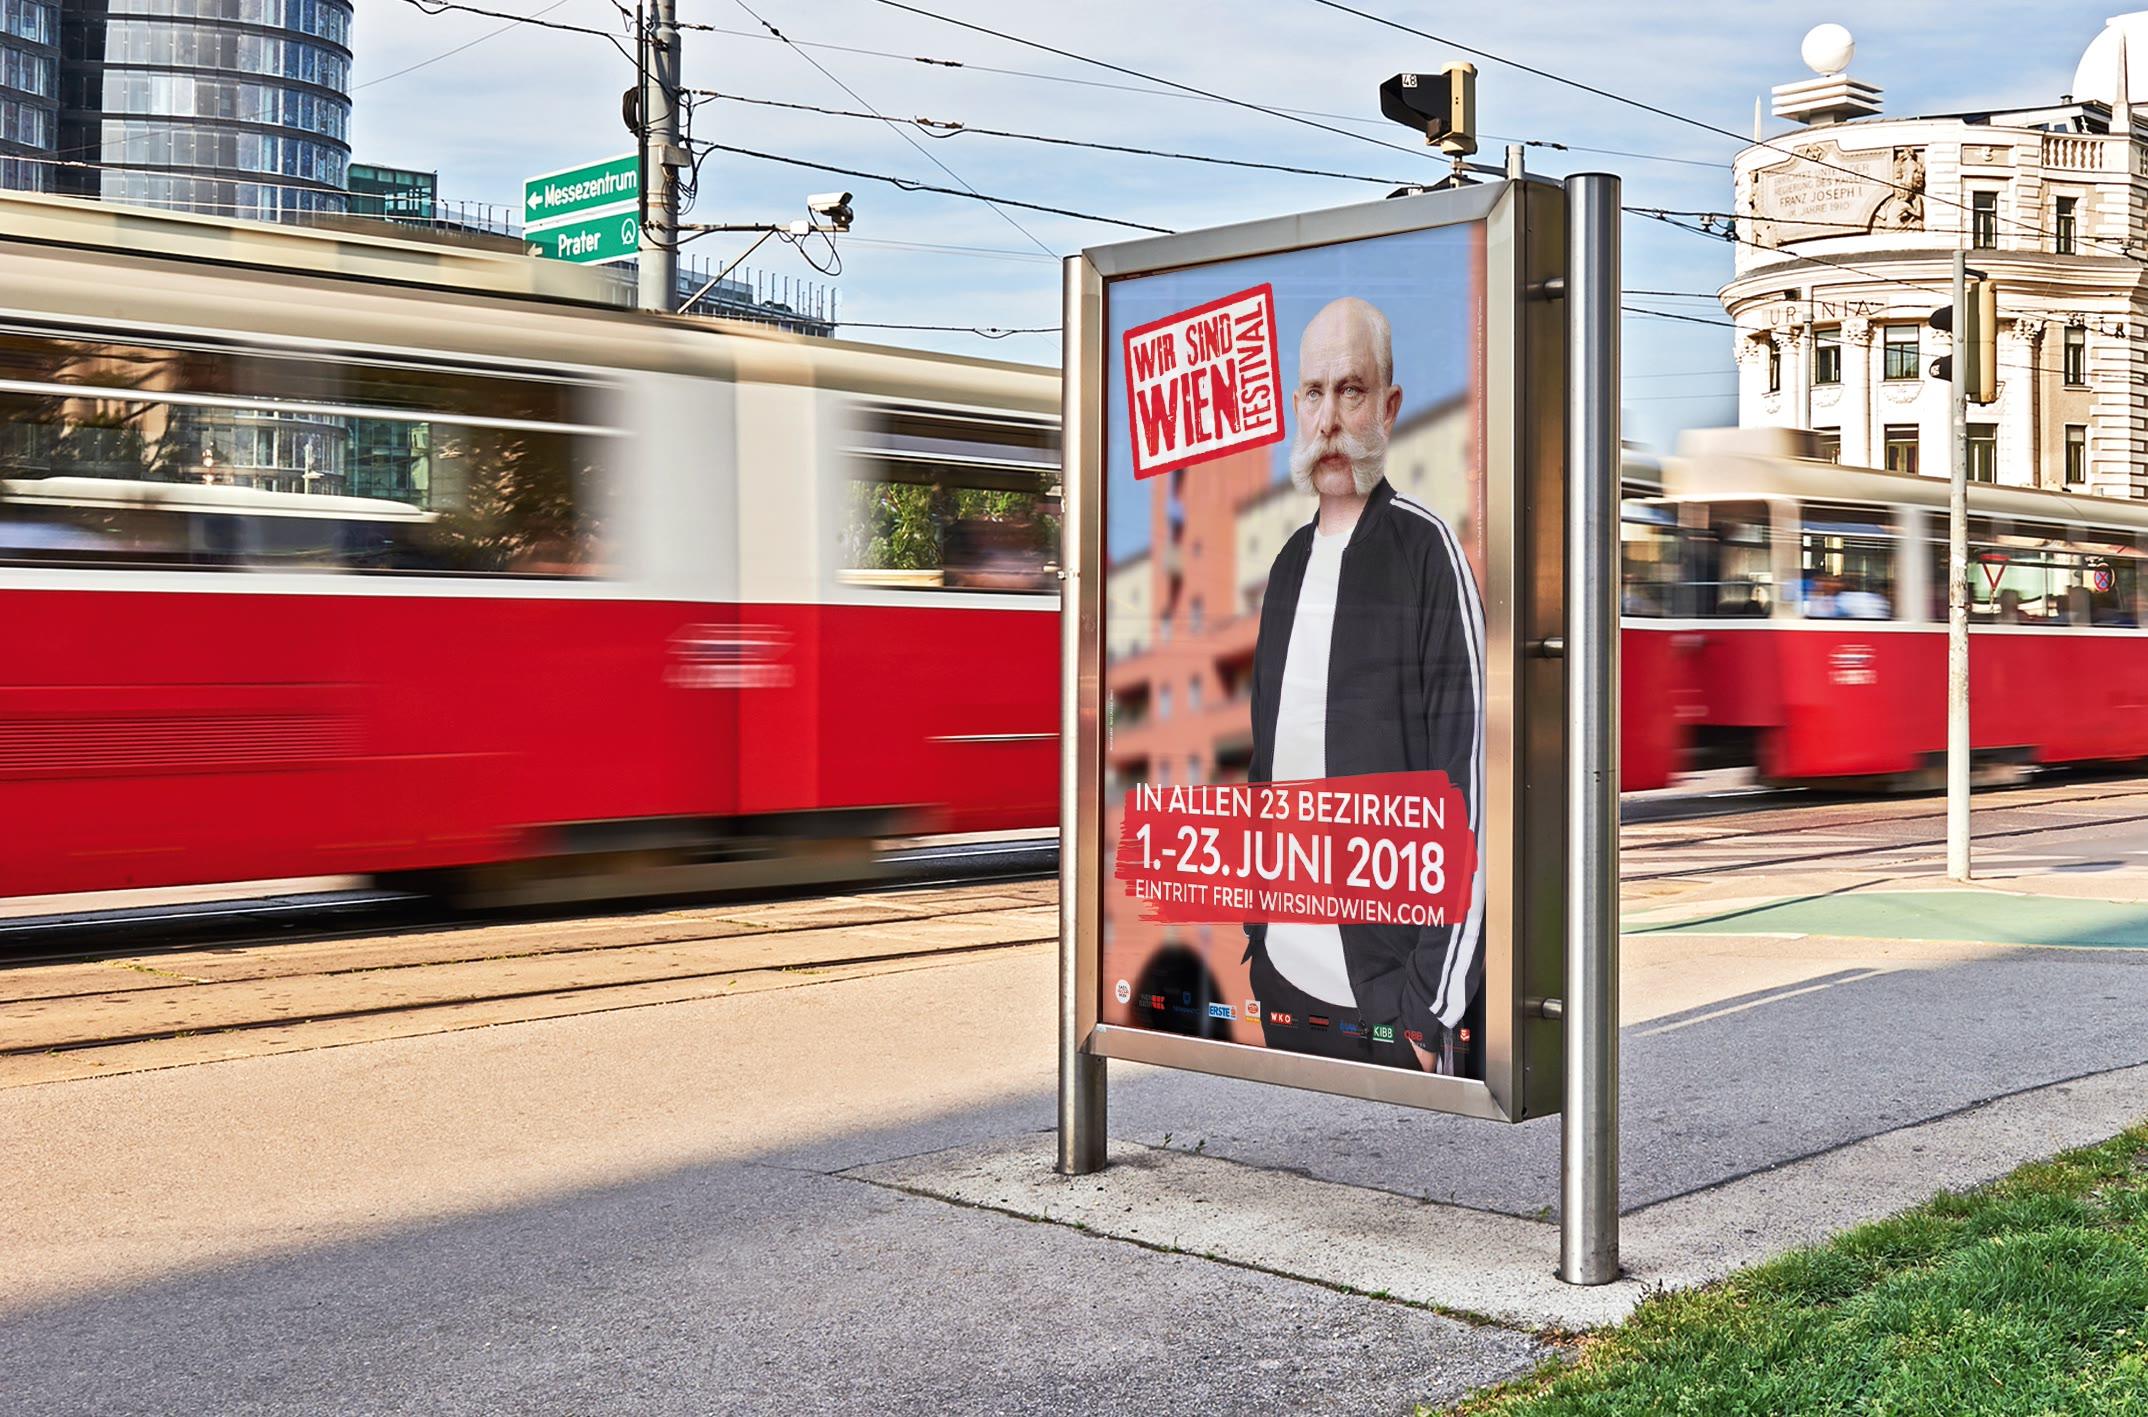 Wir-sind-Wien_Festival-1(1)